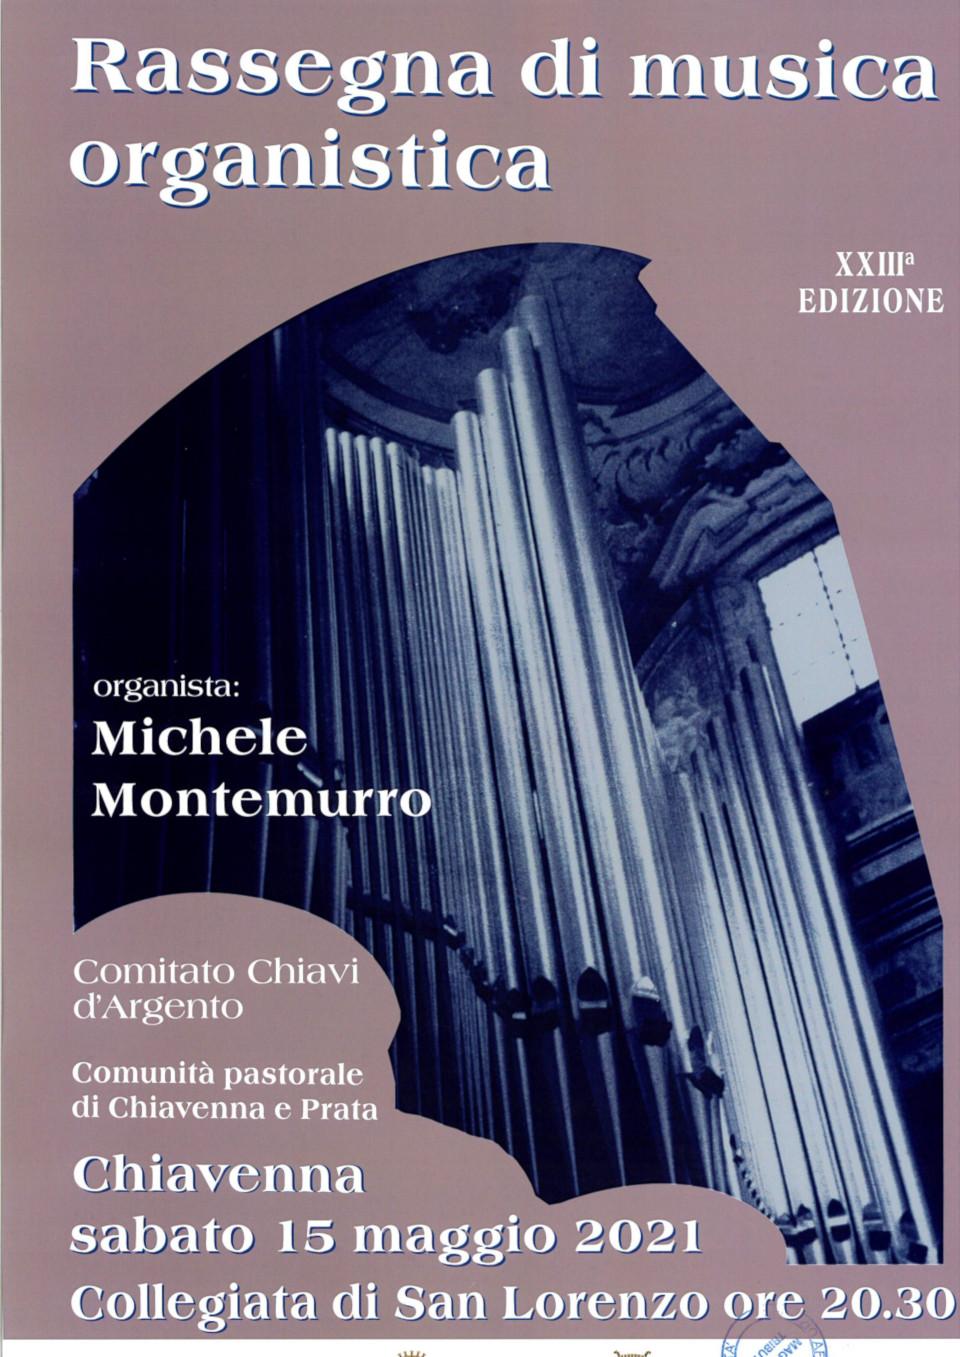 Rassegna di musica organistica